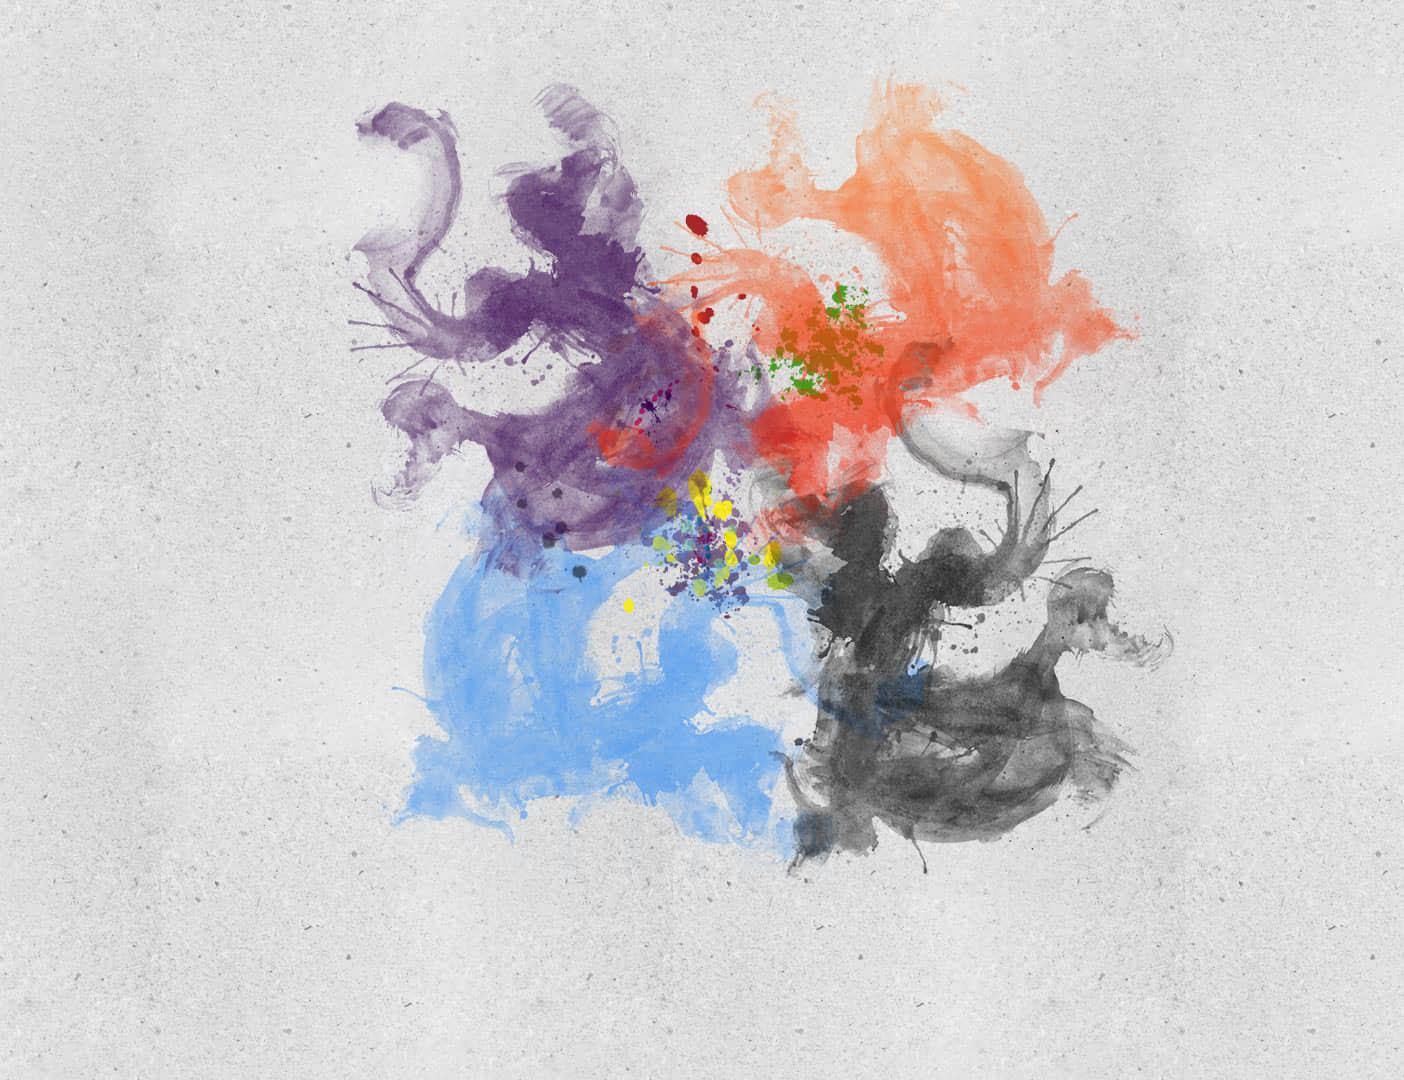 水墨飞溅、墨彩痕迹Photoshop笔刷下载 油墨笔刷 水墨笔刷 墨彩笔刷  photoshop brush